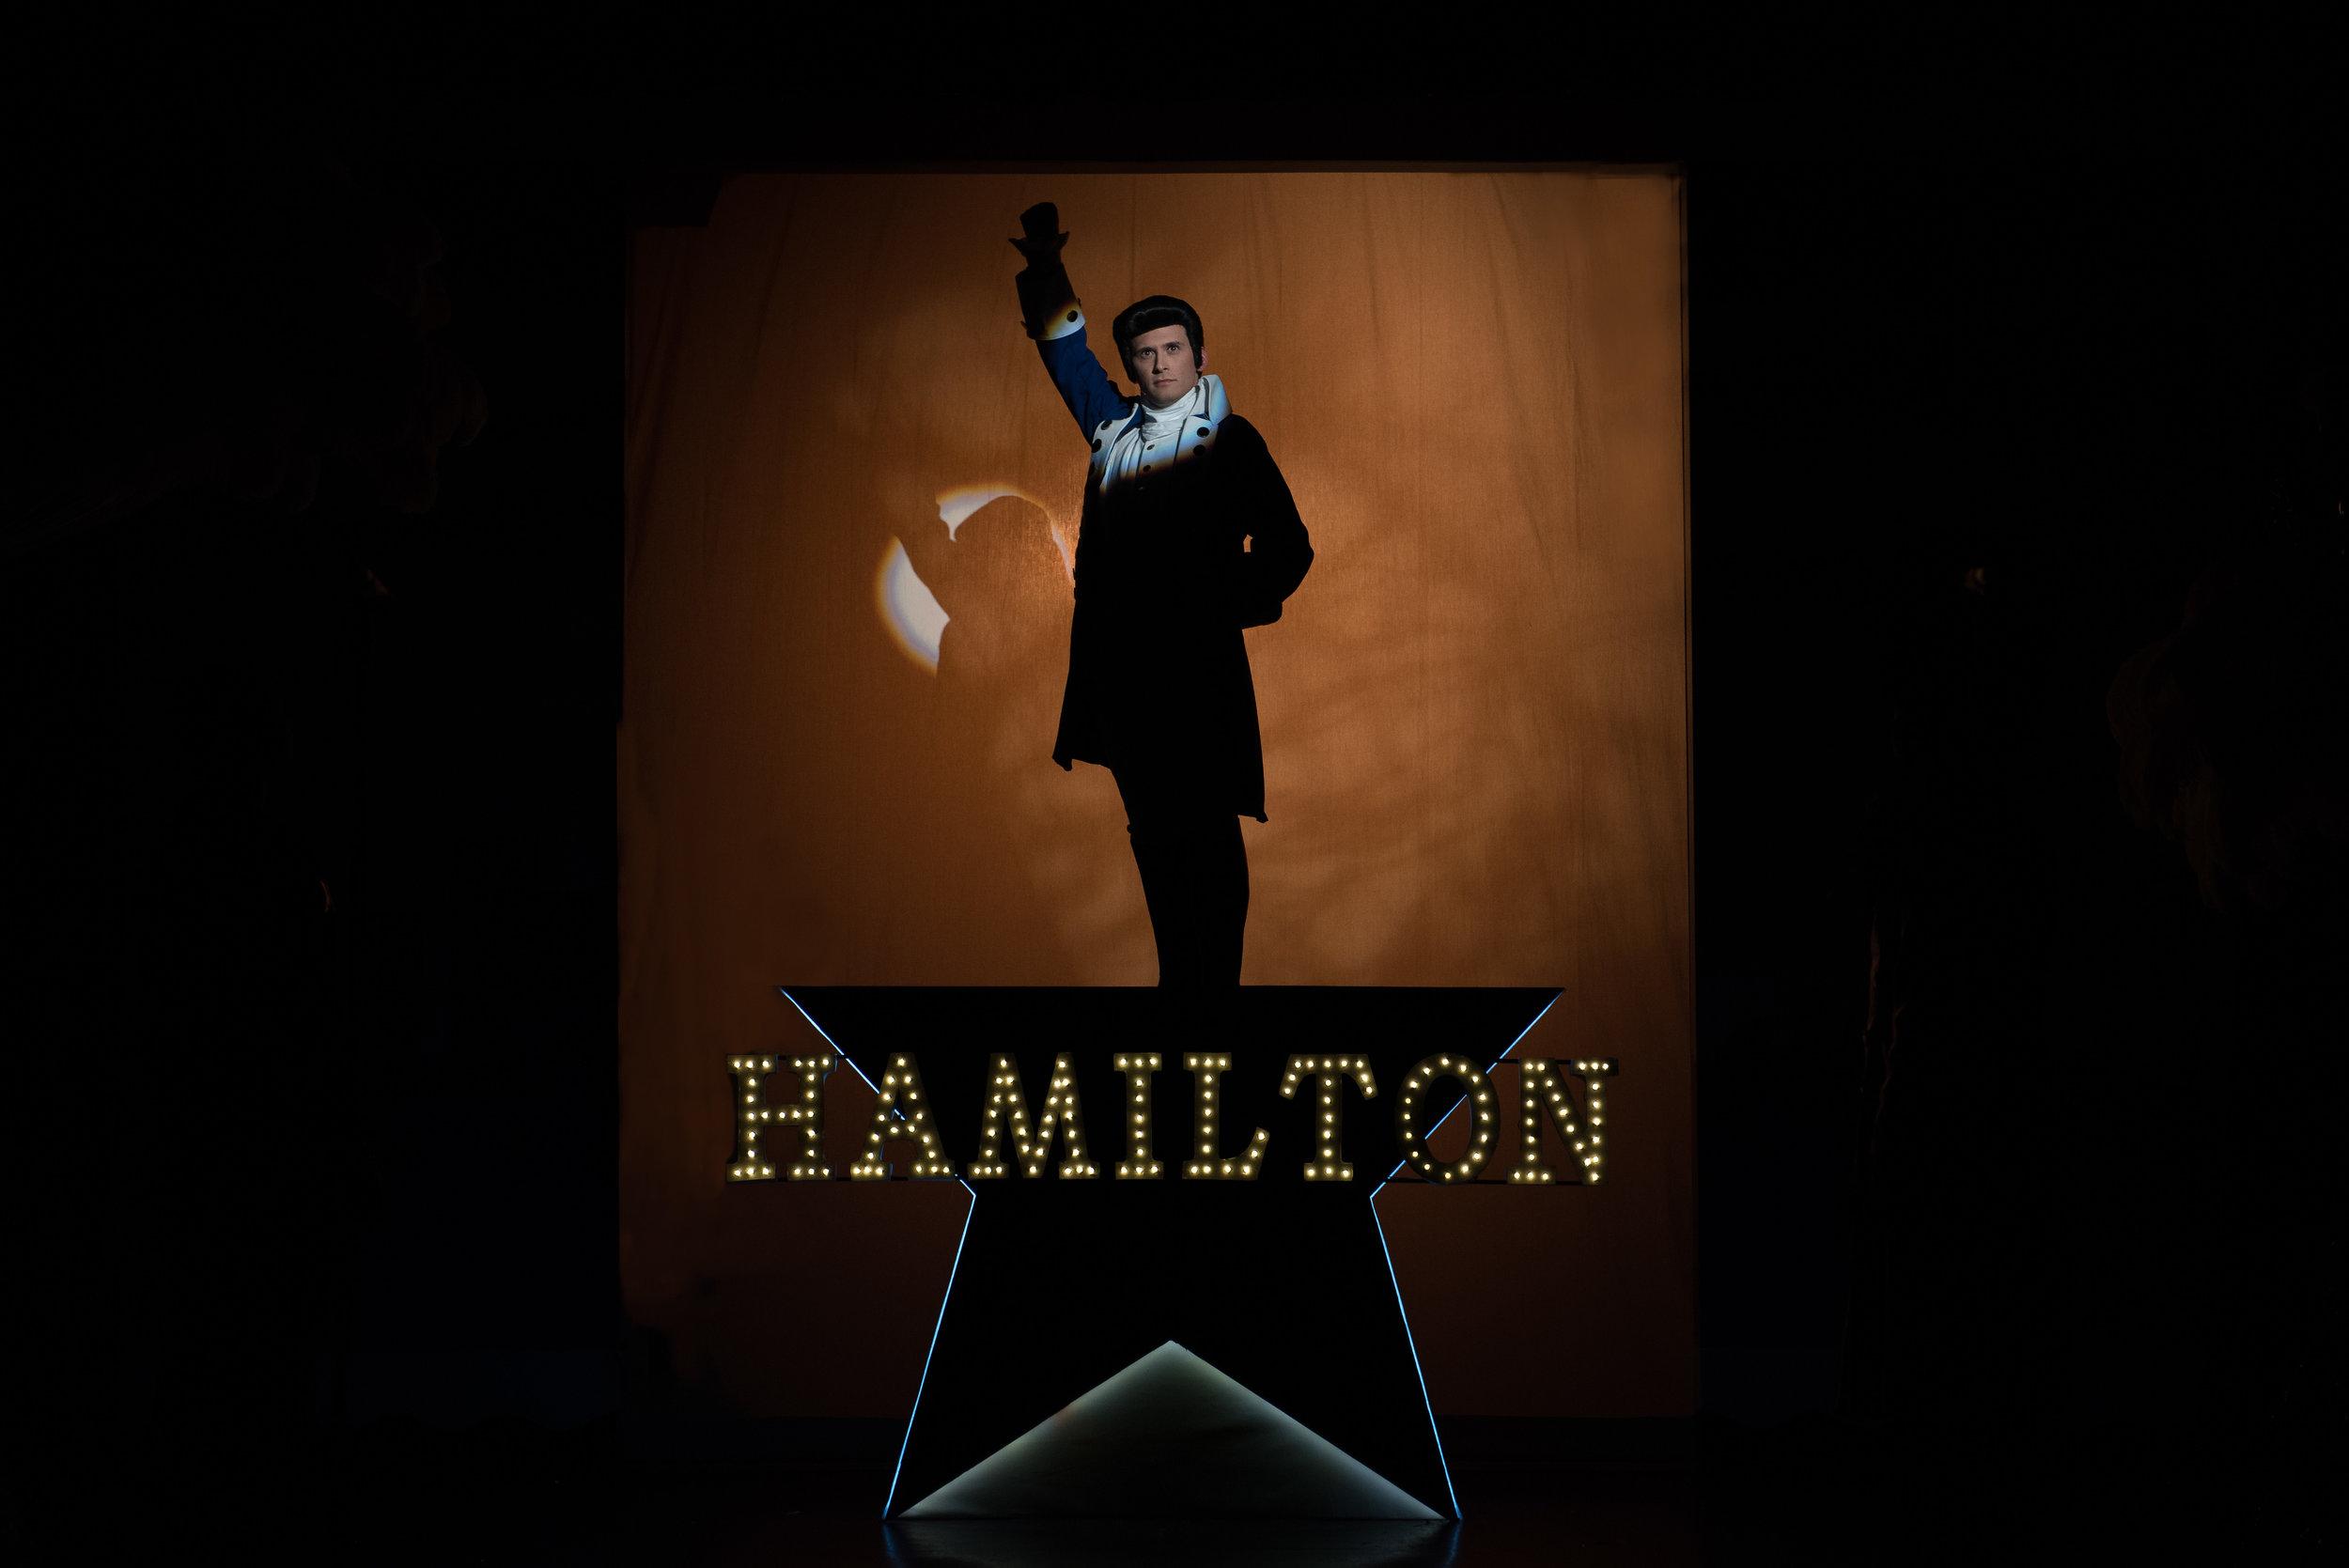 Hamilton | Photo credit: Rick Markovich